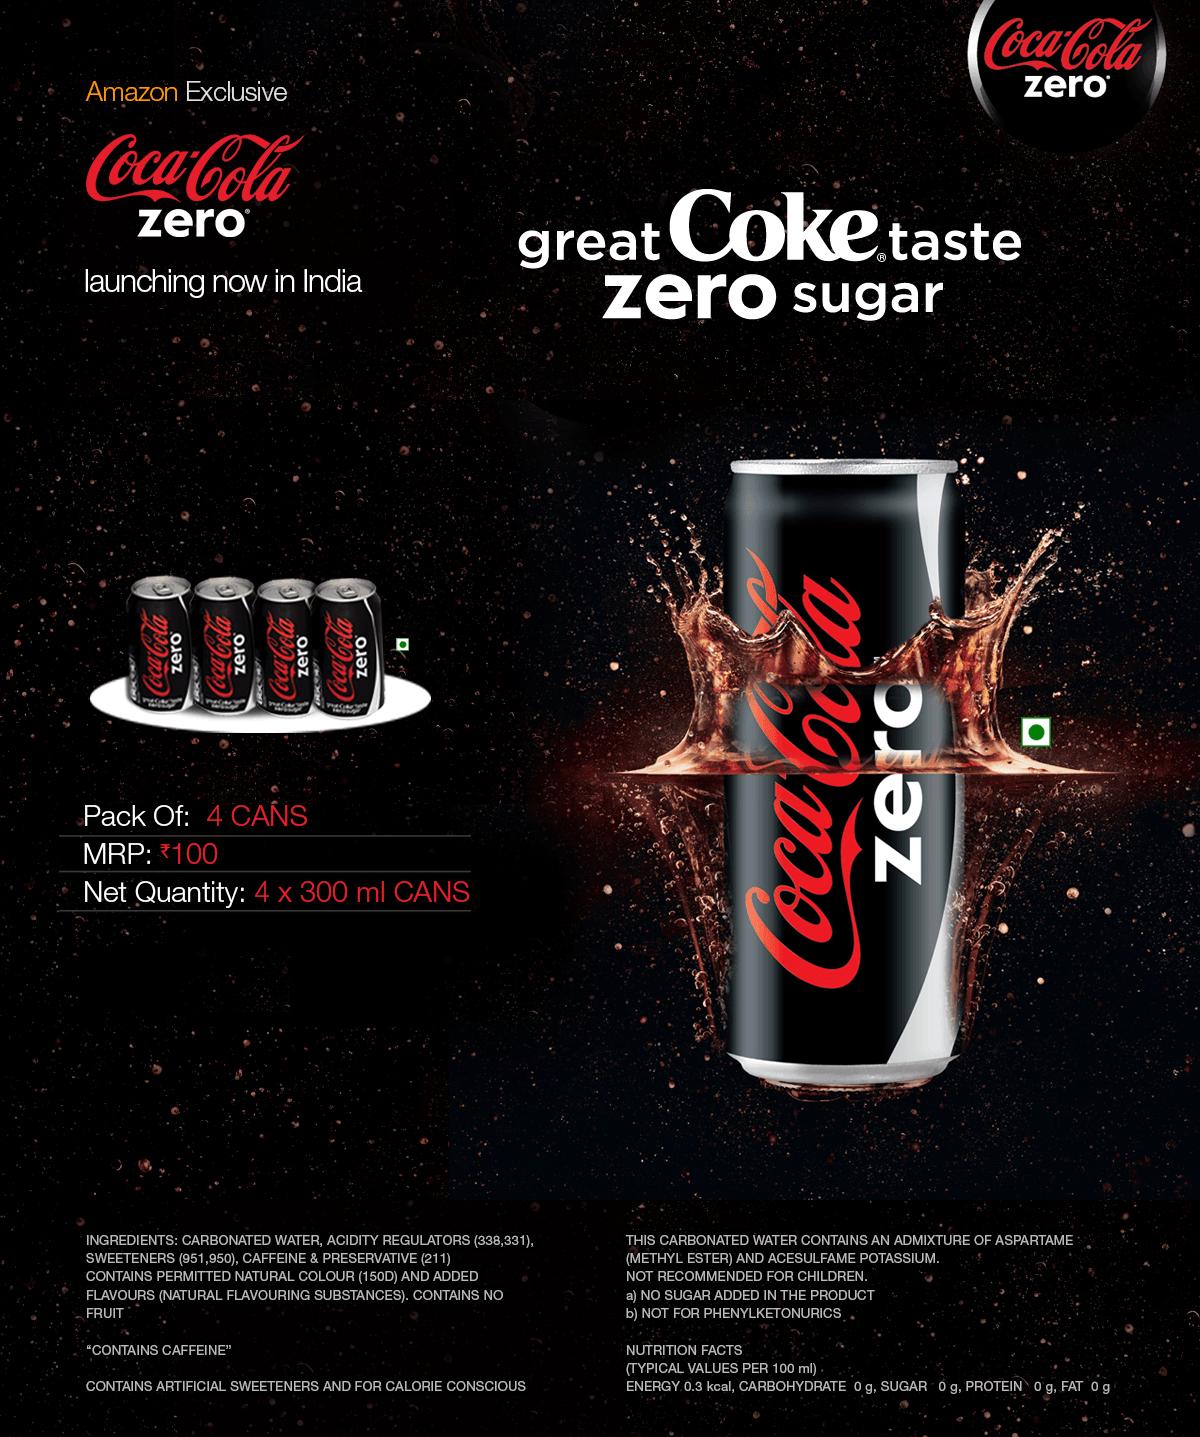 Coca Cola Zero Nutrition Buy Coca Cola Zero Online at